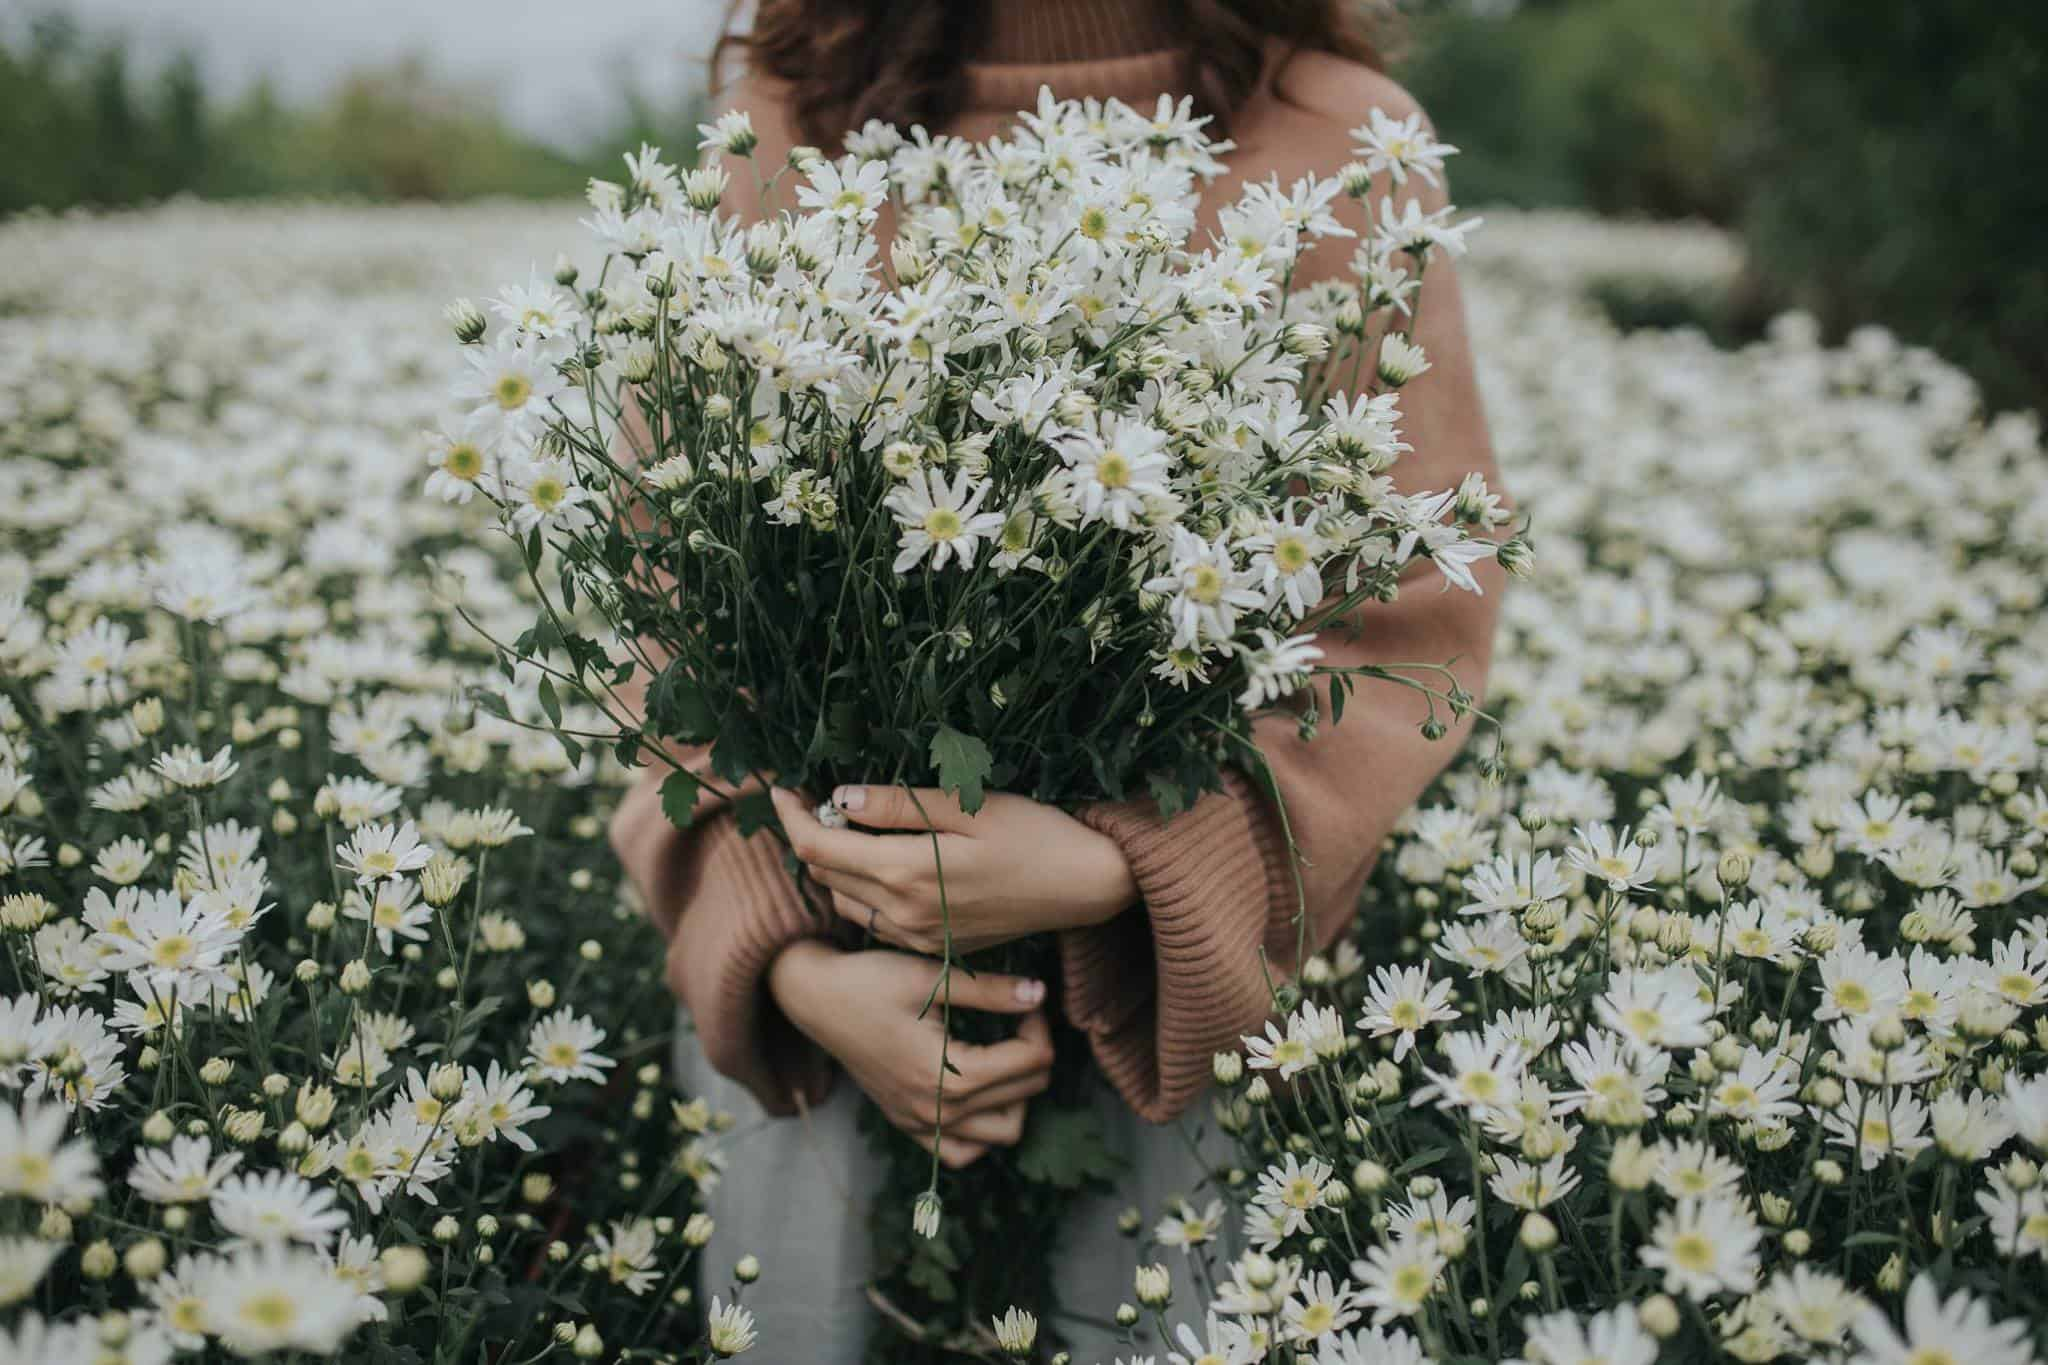 Картинка девочка с букетом ромашек